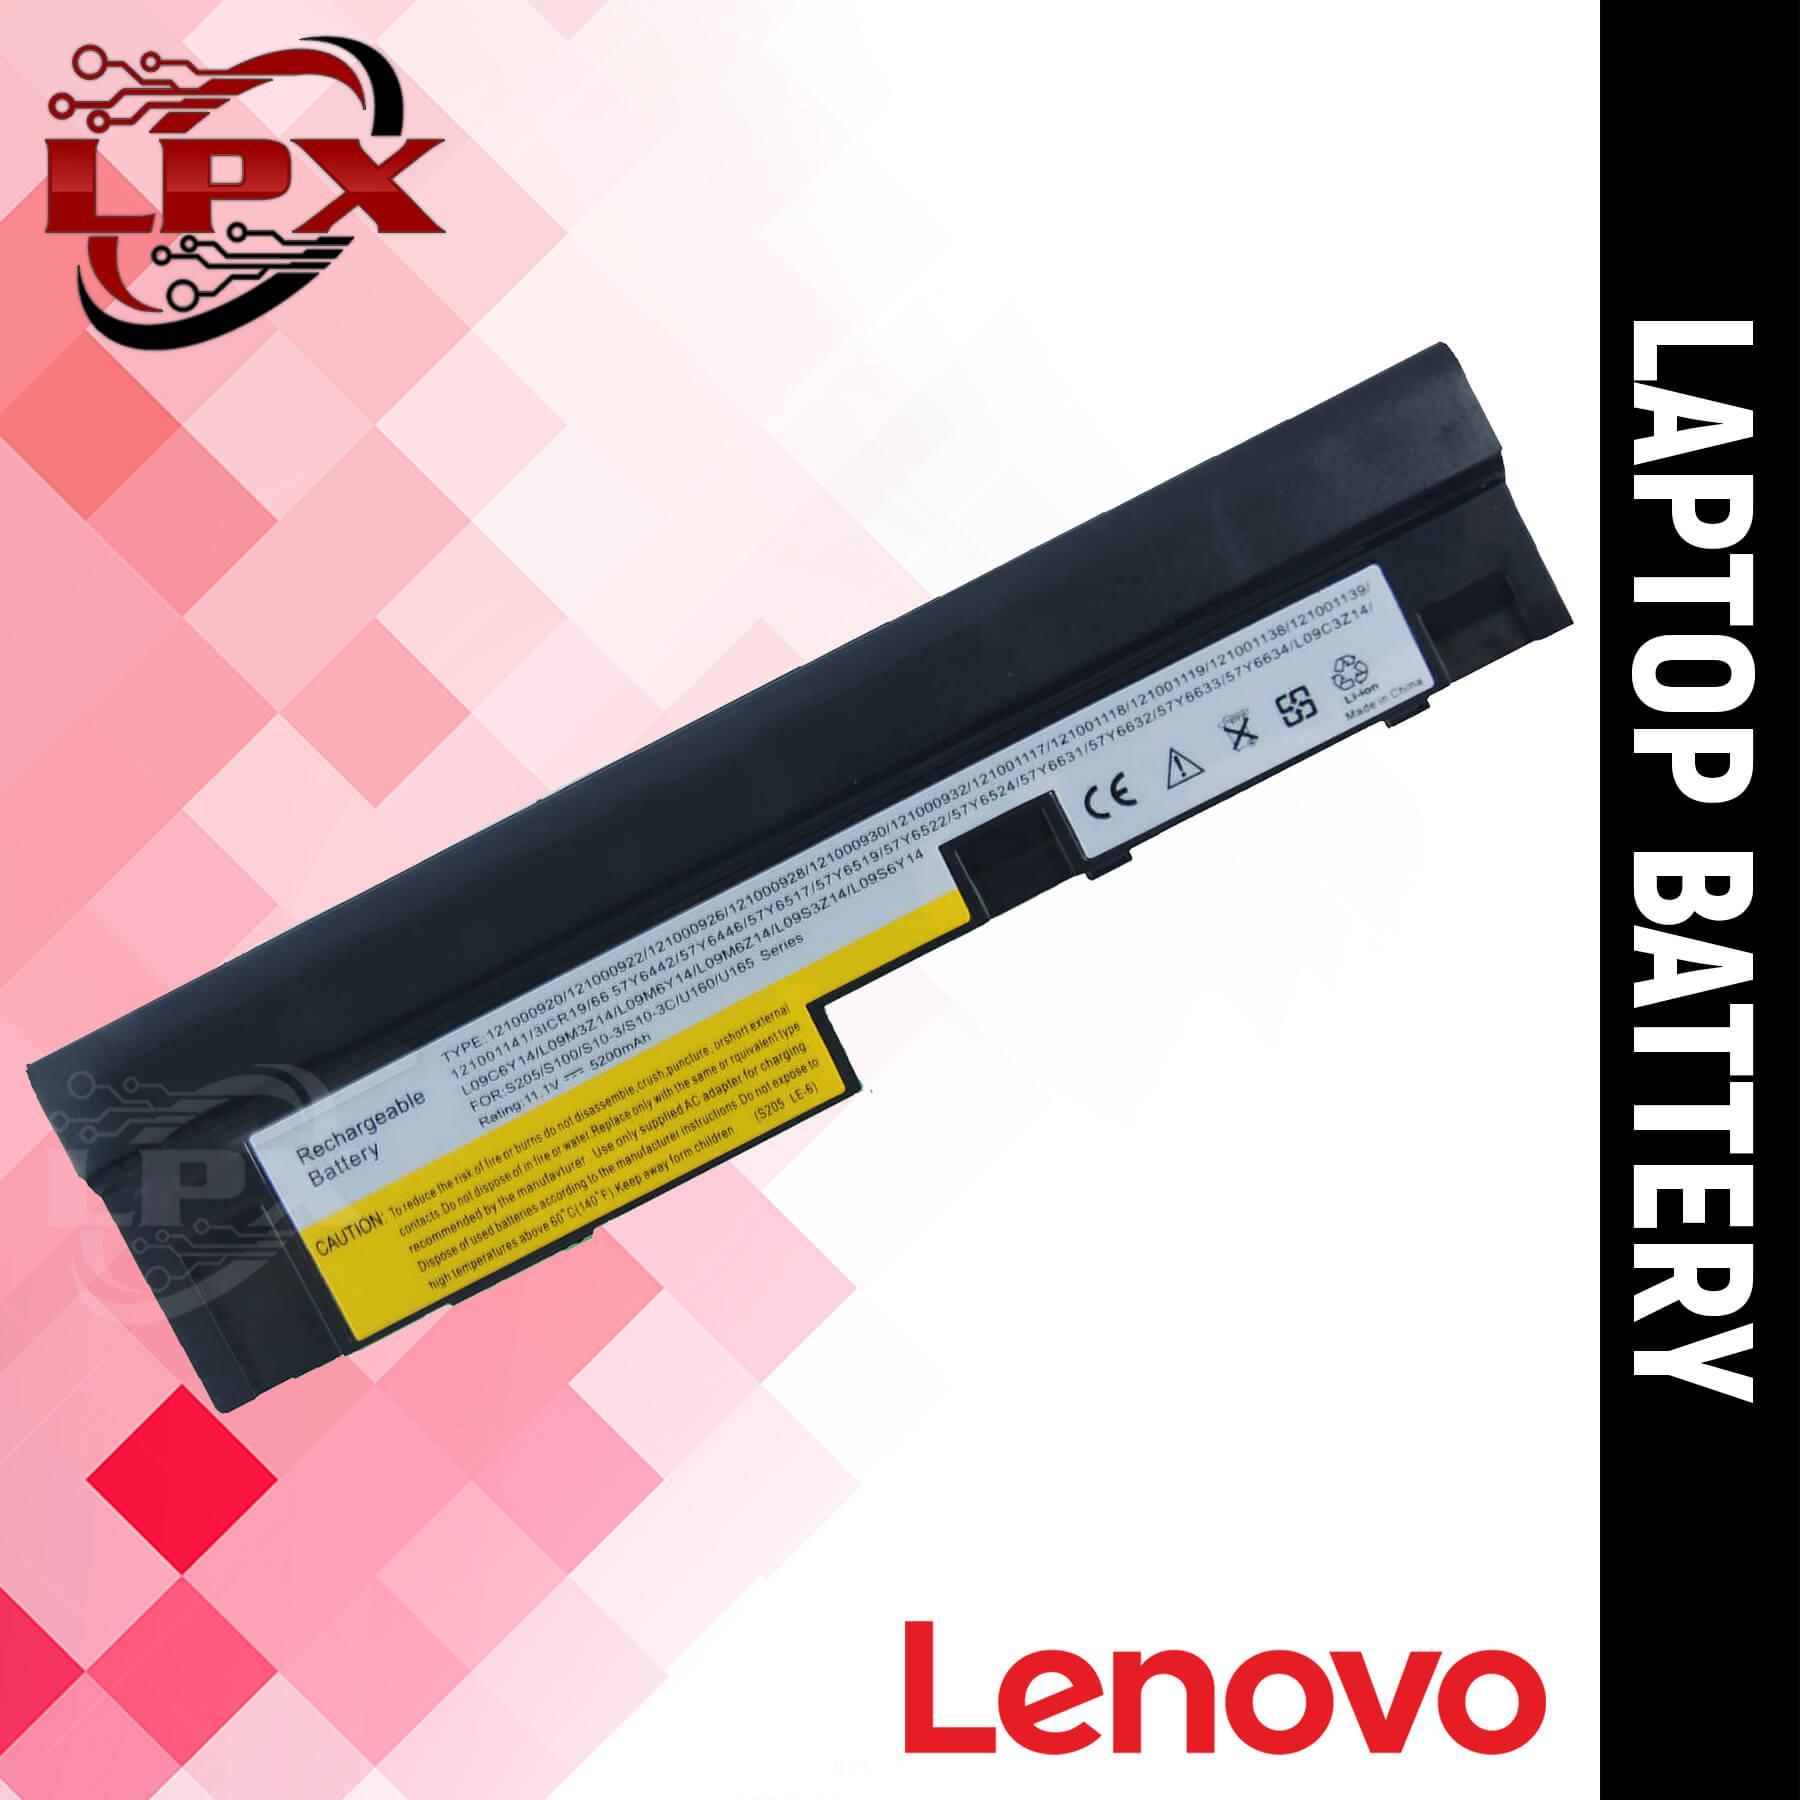 Lenovo Philippines Computer Batteries For Sale Prices Batre Leptop Ideapad Z470 Laptop Battery S10 3 S100 S100c S110 S205 U160 U165 L09m6y14 L09c6y14